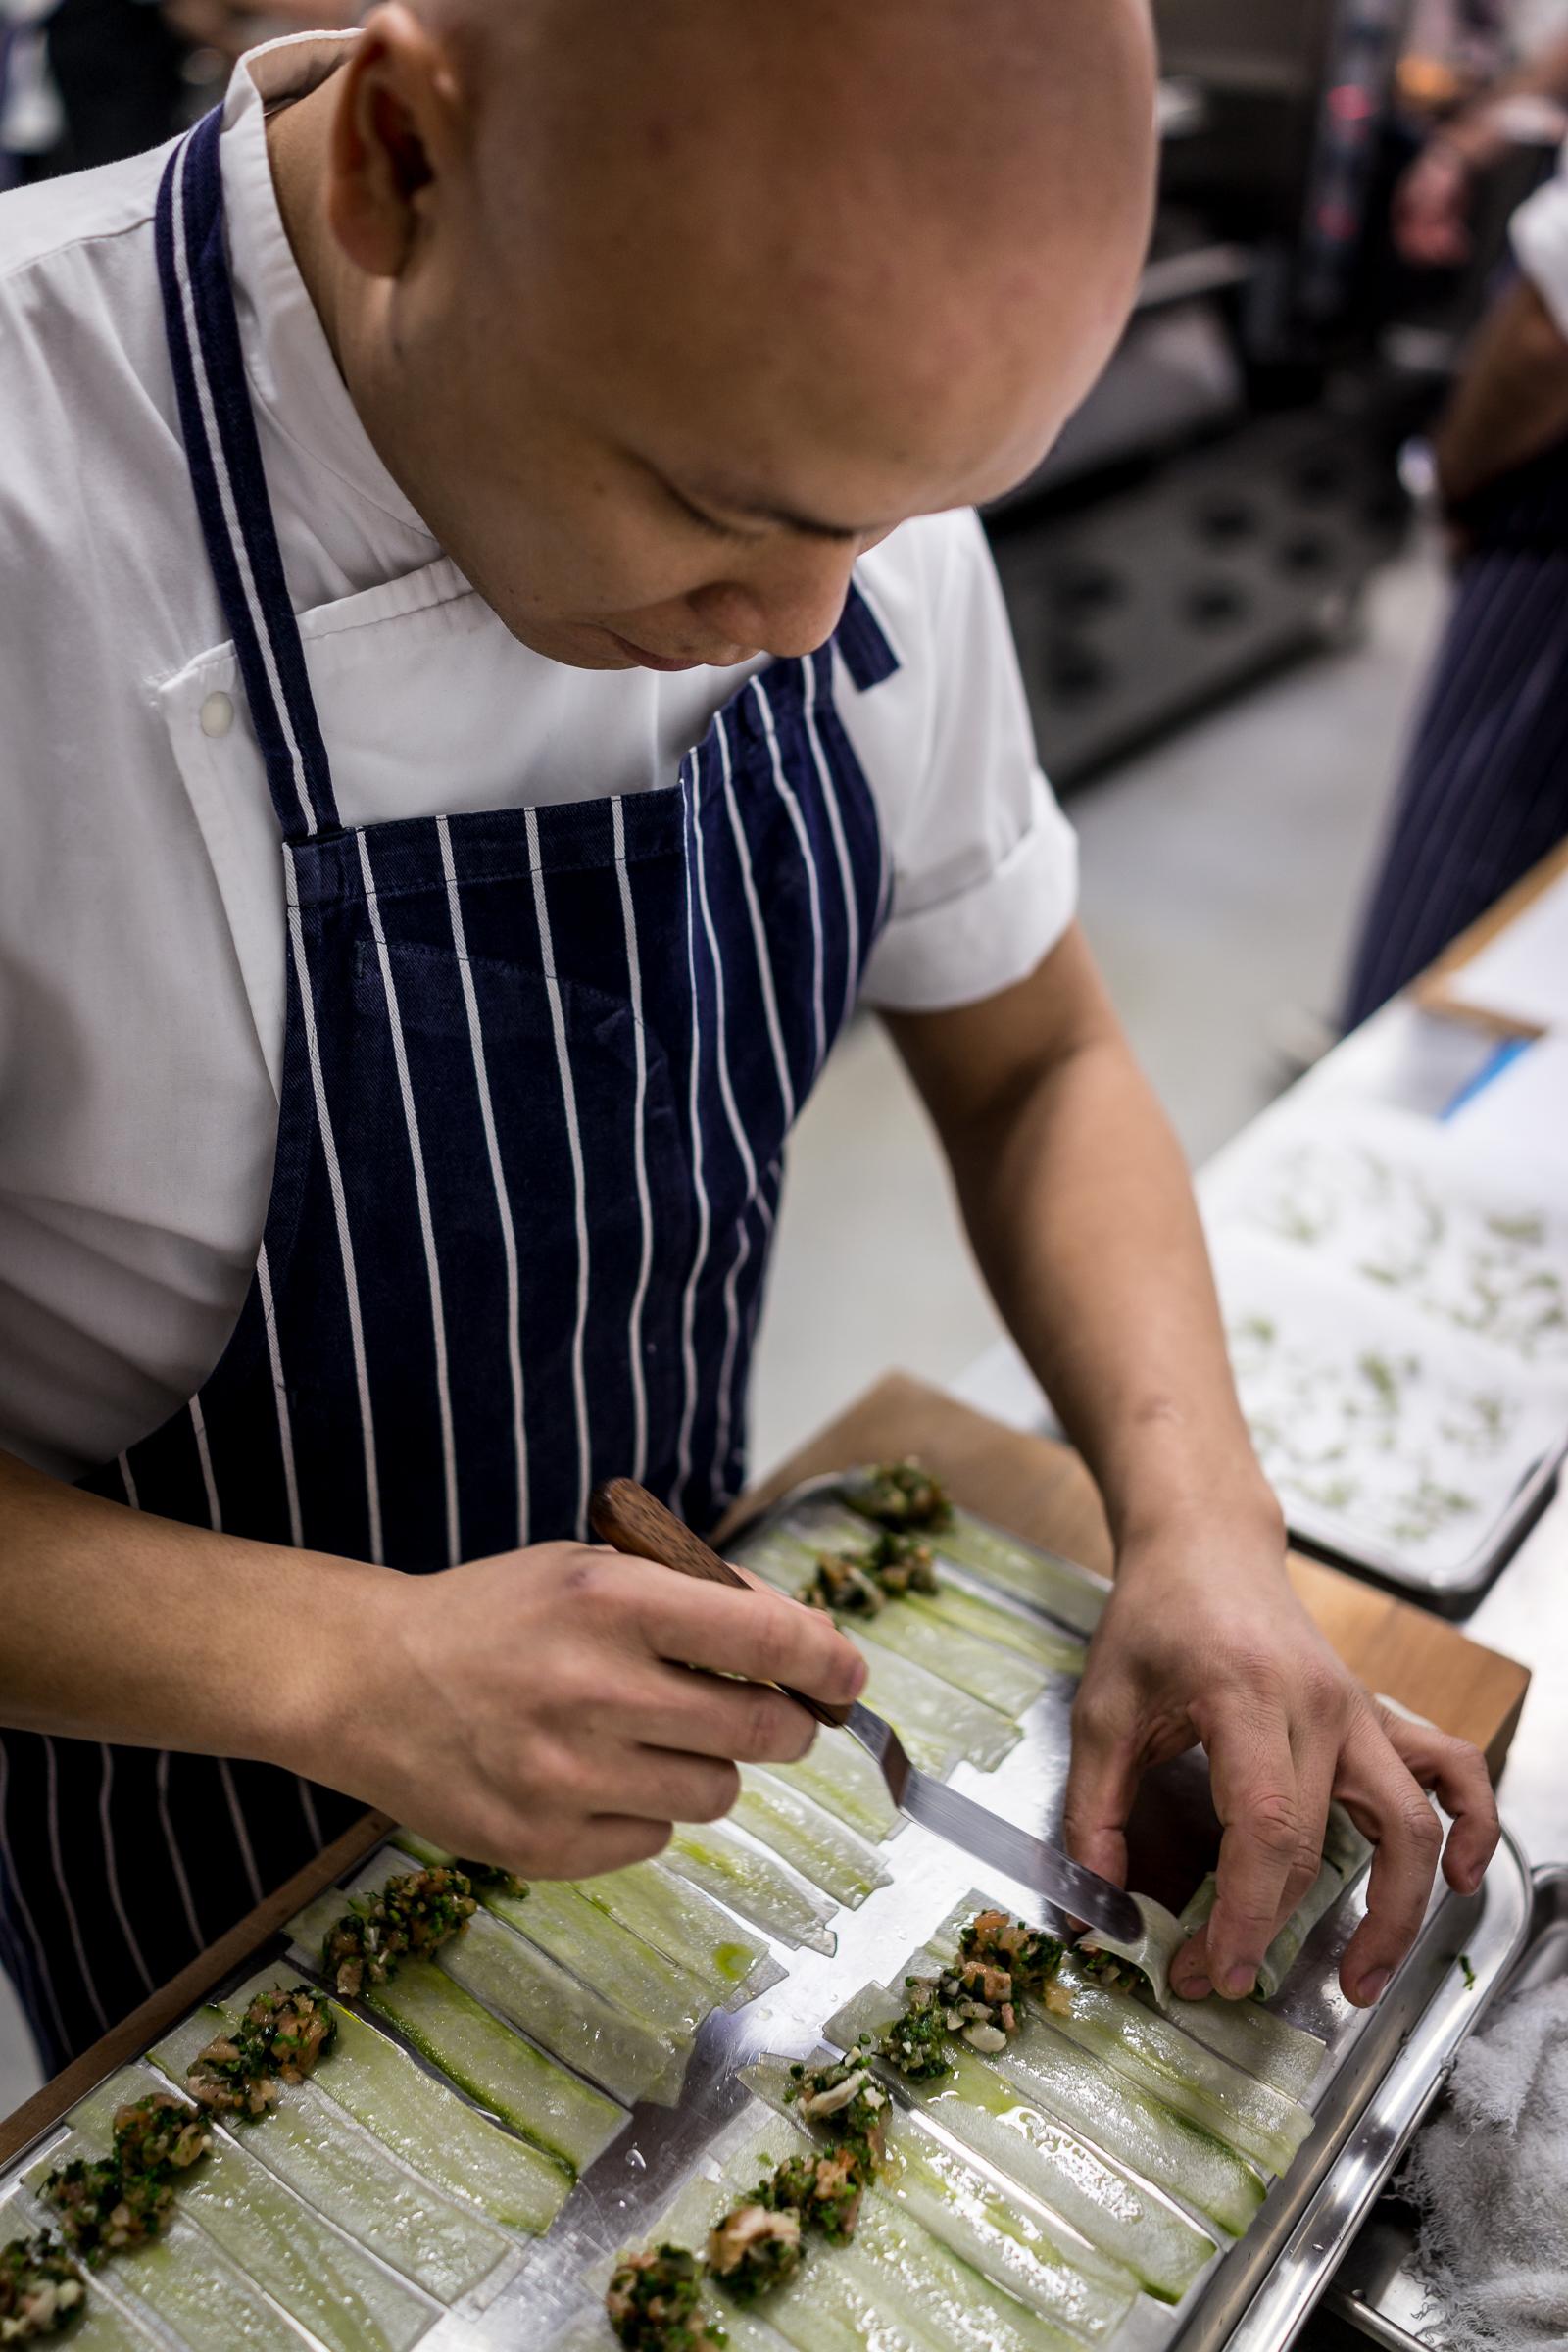 Top Chefs Around The World